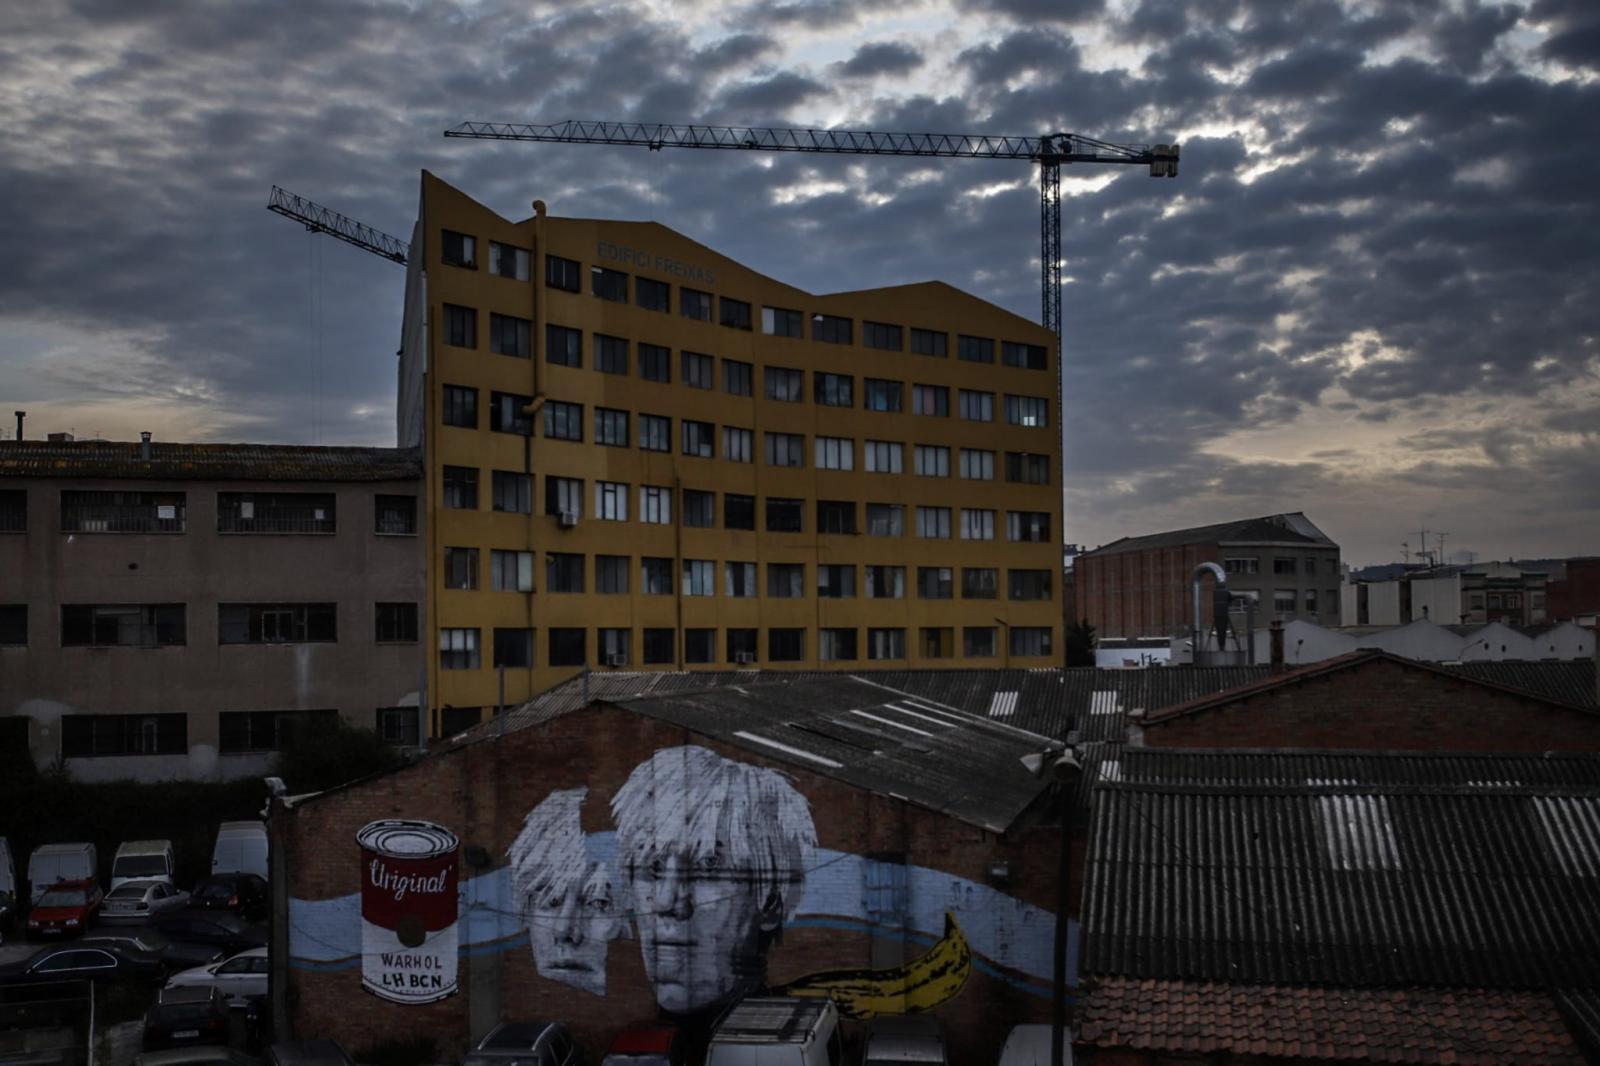 (ESP) Los expertos predicen que la ciudad de Hospitalet de Llobregat cambiará los hábitats transformándose en el plan ambiental y socialmente a pasos agigantados. Para las personas, el impacto ya no es una preocupación abstracta debatida por los políticos. Ven que la tierra se satura más bajo sus pies mientras más de 3.000 viviendas se están construyendo ahora y se construirán en los próximos tres años.  La parada forzada de las actividades de producción y la fuerte reducción del tráfico por carretera y aéreo han generado una reducción drástica de las emisiones, que a finales de año podría alcanzar el 5% a escala mundial, la más drástica jamás registrada, aunque muy lejos de la reducción. un 7,6% anual, lo que reduciría a la mitad las emisiones para 2030. La OCDE predijo que, a fines de 2020, el PIB mundial podría ser hasta un 3% más bajo que en 2019, mientras que la Comisión Europea ha calculado una pérdida de 9.7% en comercio planetario. Por primera vez desde la crisis financiera de 2009, la demanda de petróleo ha disminuido y, junto con otros factores, ha provocado un unicum en la historia: el precio del WTI (West Texas Intermediate) ha caído por debajo de cero. Sin embargo, la razón de estos números no está en las políticas ecológicas, sino en la drástica caída de la demanda, que no augura nada bueno para el futuro. (ENG) Experts predict that the city of Hospitalet de Llobregat will change habitats, transforming itself into the environmental and social plan by leaps and bounds. For people, the impact is no longer an abstract concern debated by politicians. They see that the earth becomes more saturated under their feet while more than 3,000 homes are being built now and will be built in the next three years. The forced stoppage of production activities and the sharp reduction in road and air traffic have led to a drastic reduction in emissions, which at the end of the year could reach 5% worldwide, the most drastic ever recorded, although very far from reduction